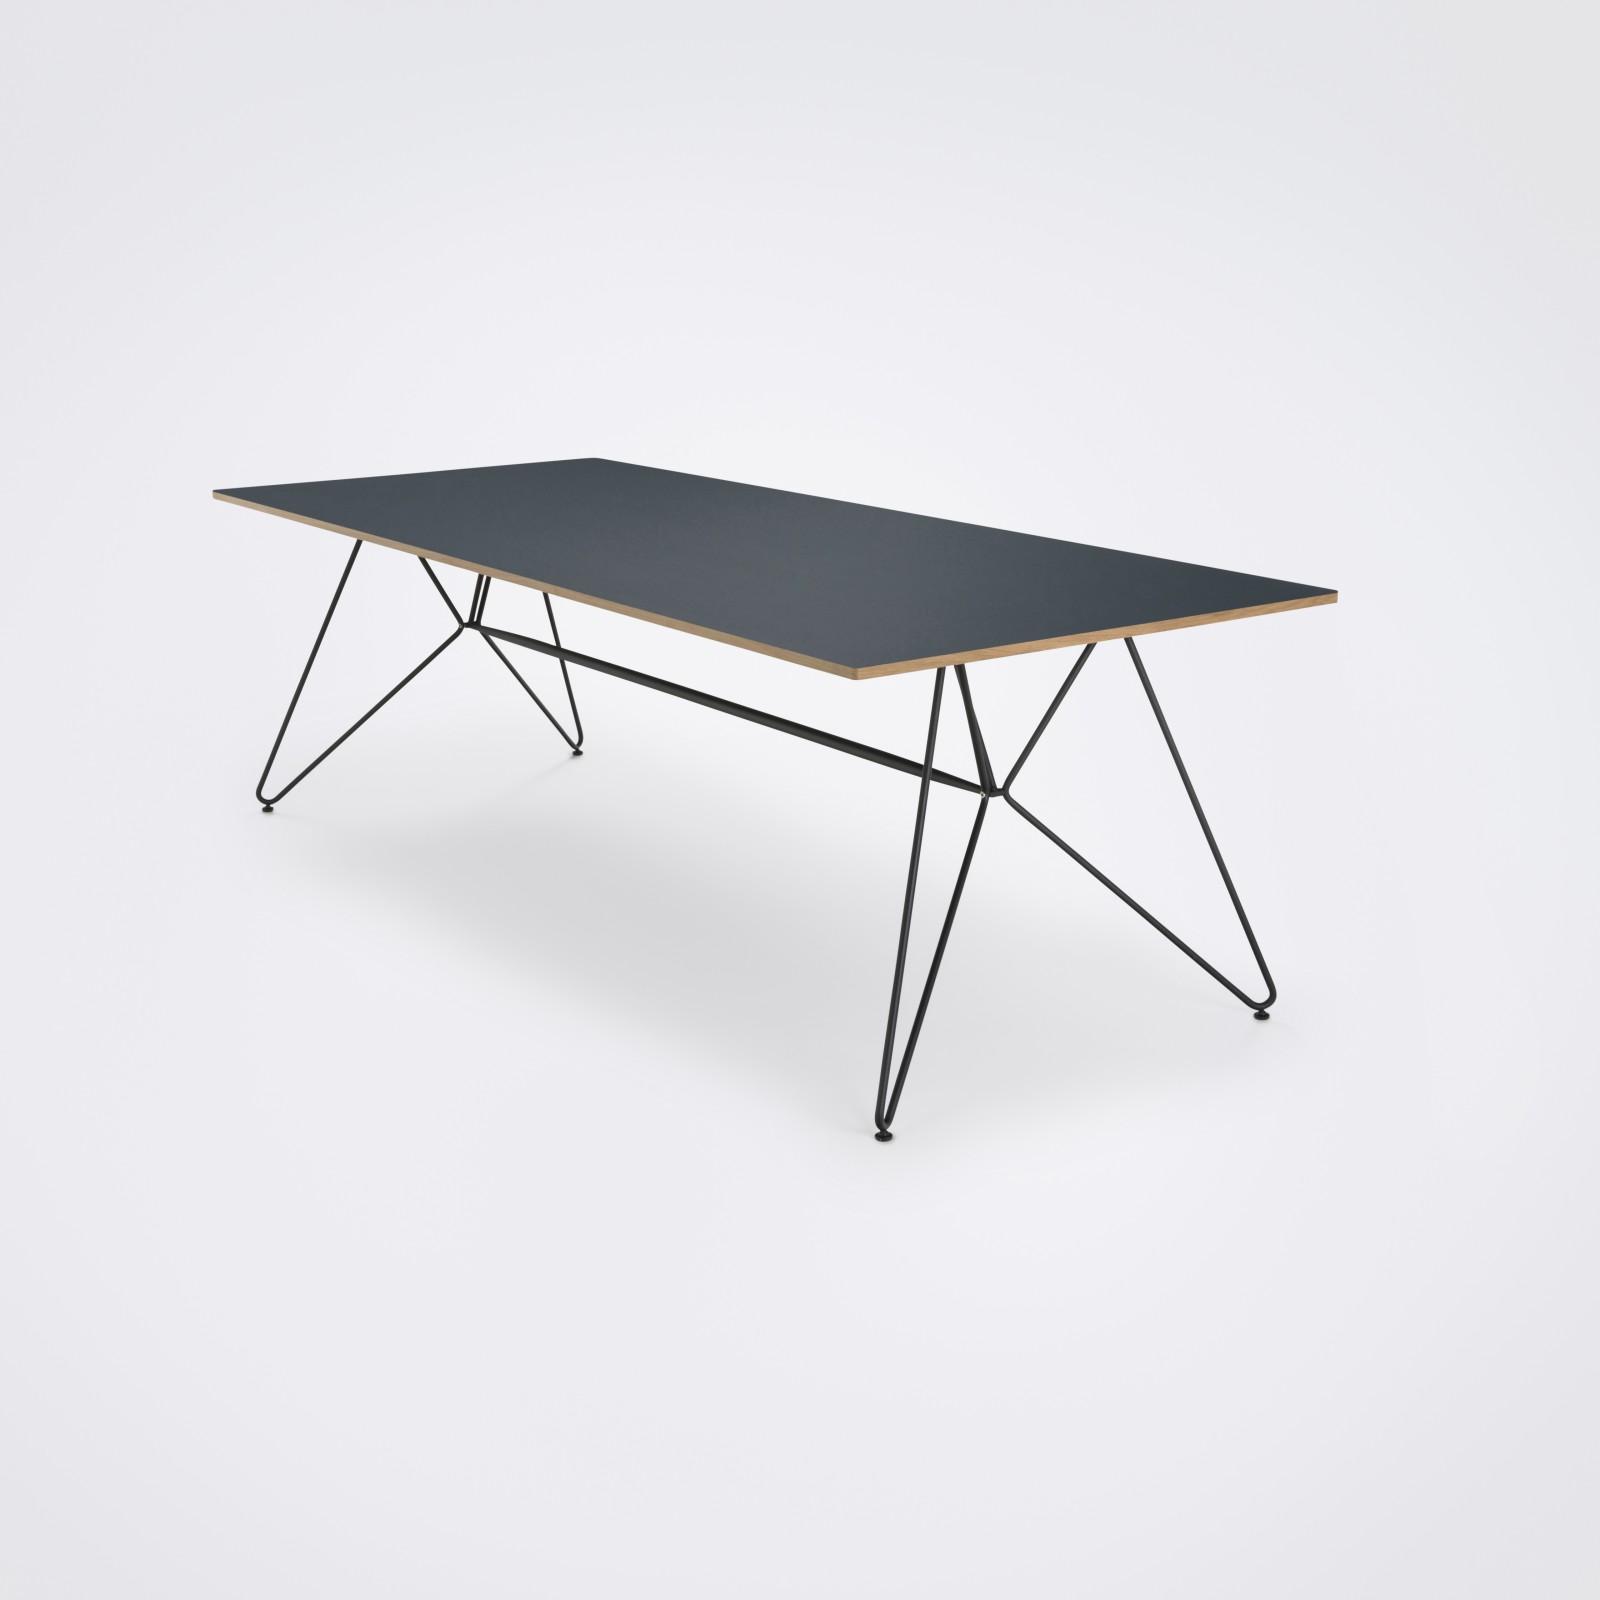 Sketch Dining Table - Indoor Smokey Blue Linoleum, 240cm